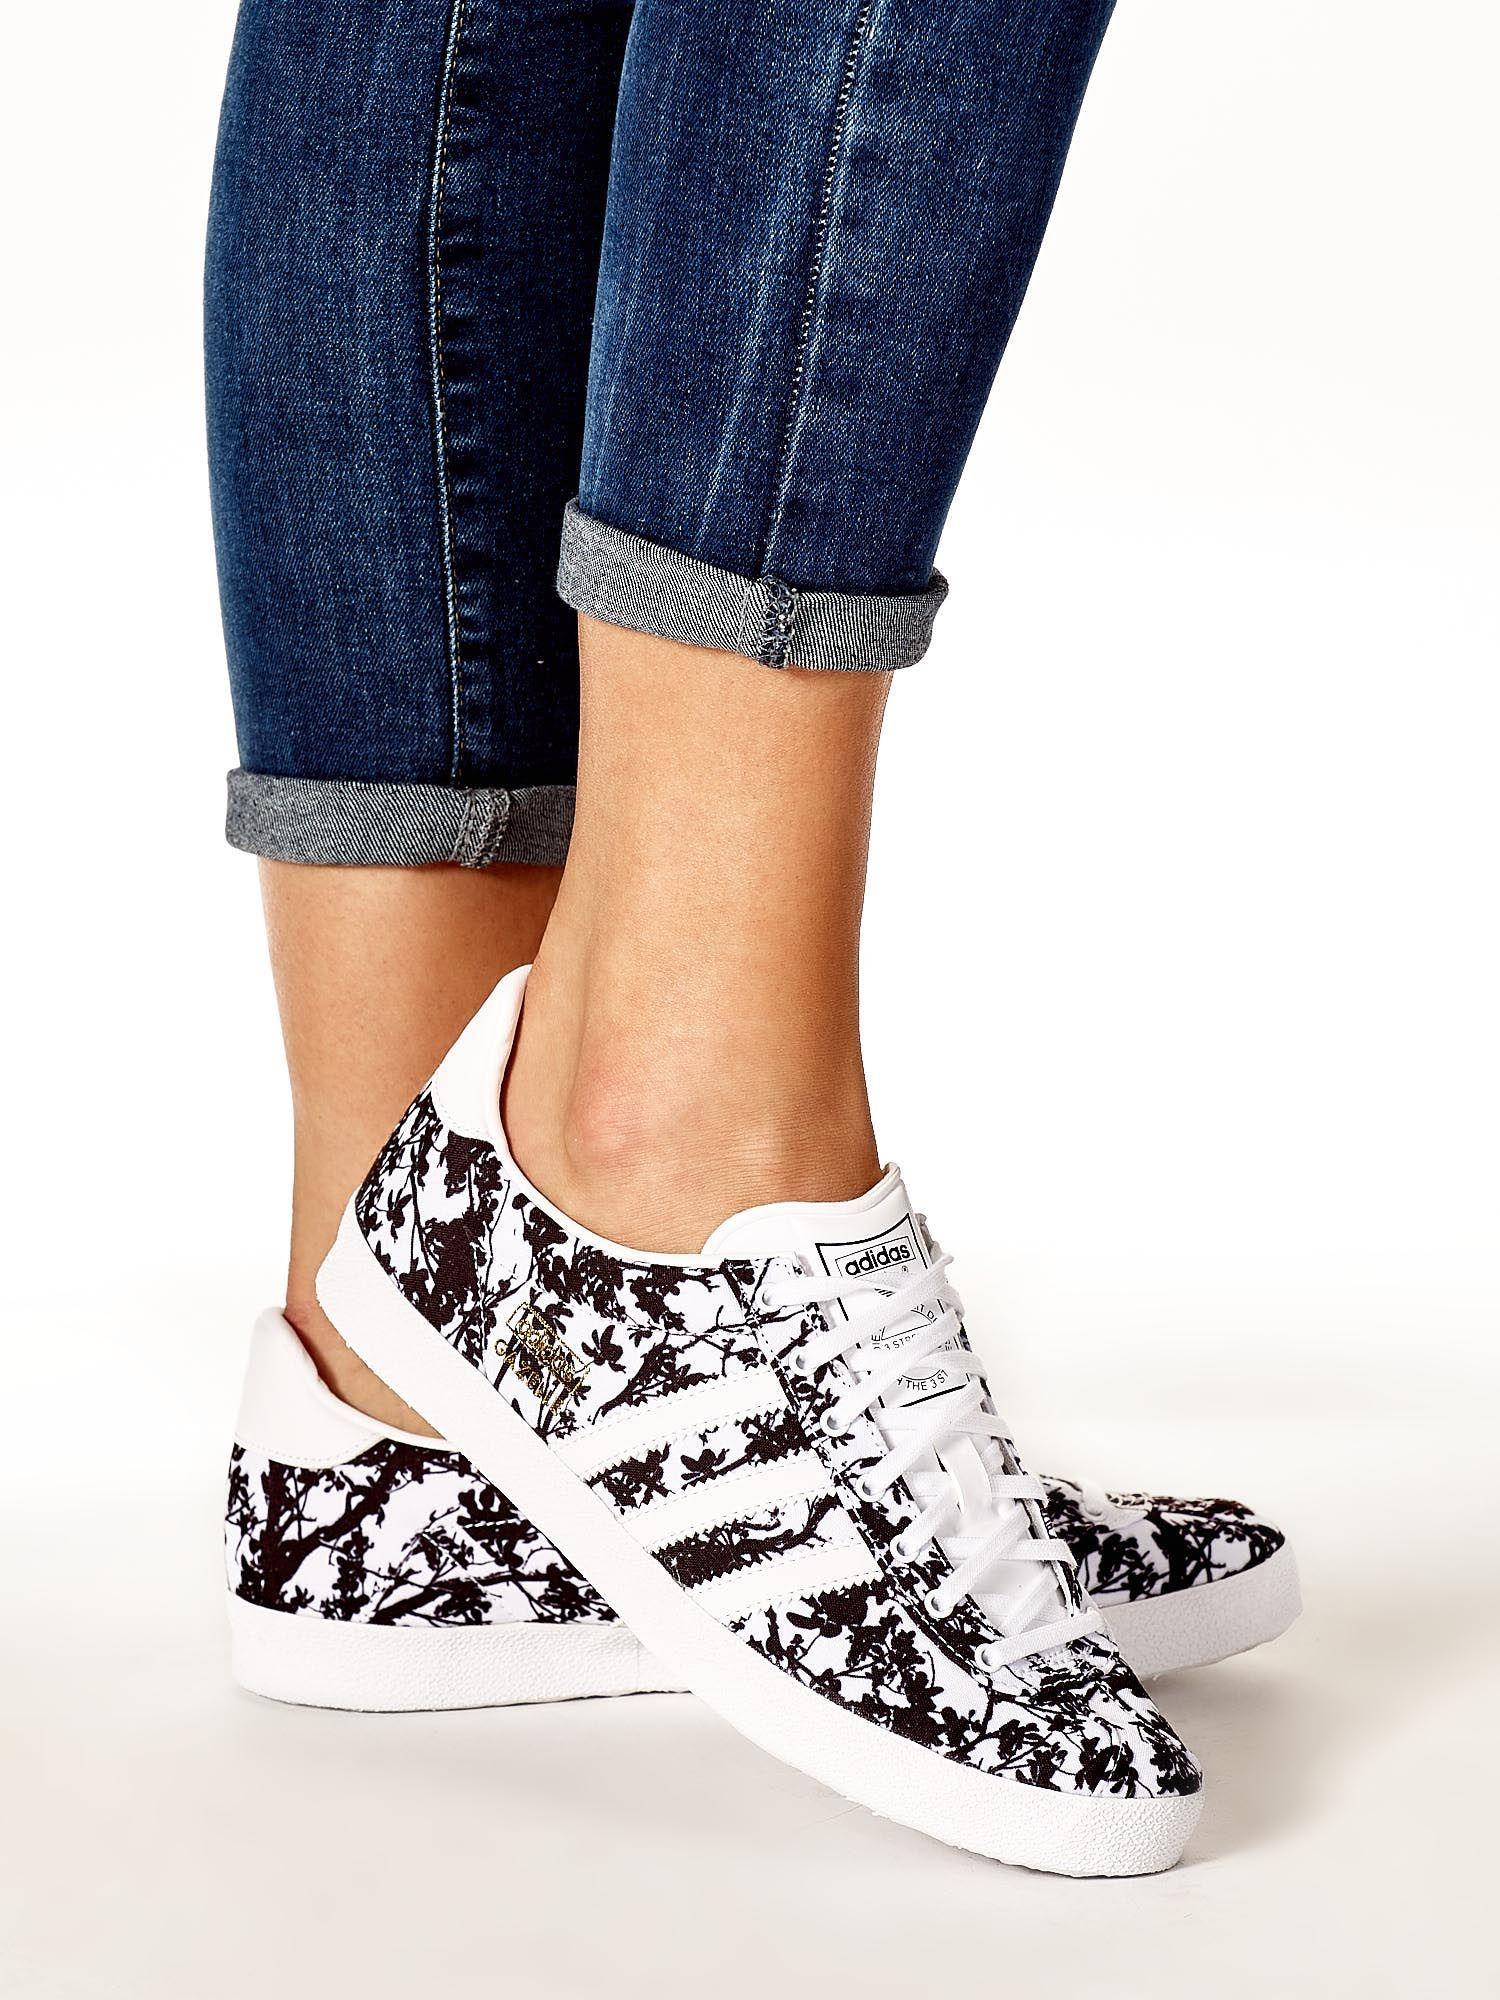 ADIDAS Bia?e damskie buty sportowe z motywem ro?linnym